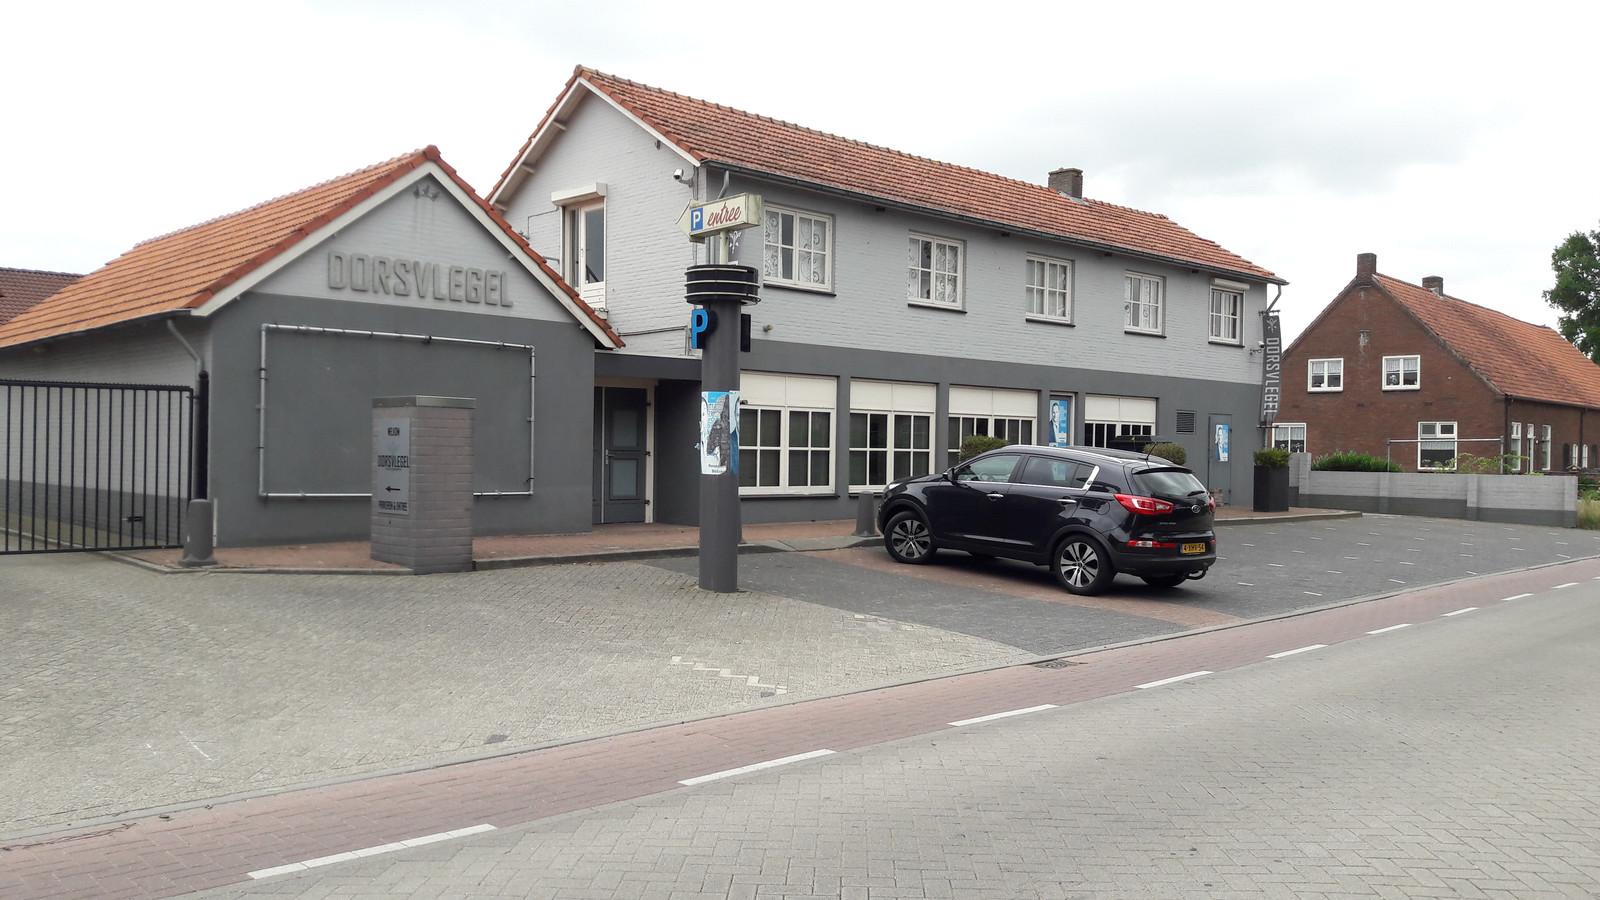 De Dorsvlegel in Vinkel.